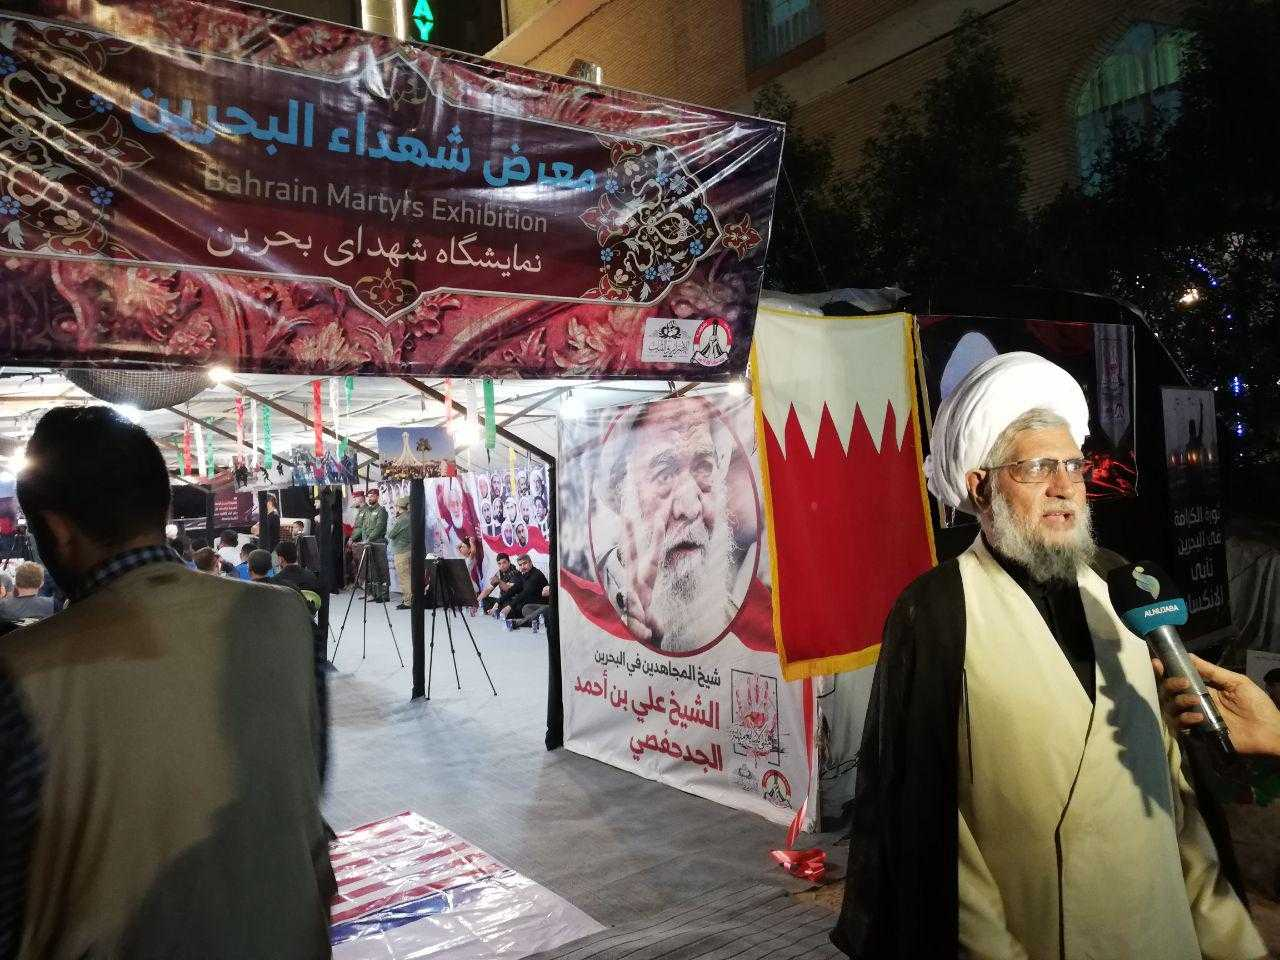 قبيل الانتخابات.. النظام الخليفيّ يتلّقى صفعة جديدة بنجاح معرض «شهداء البحرين»